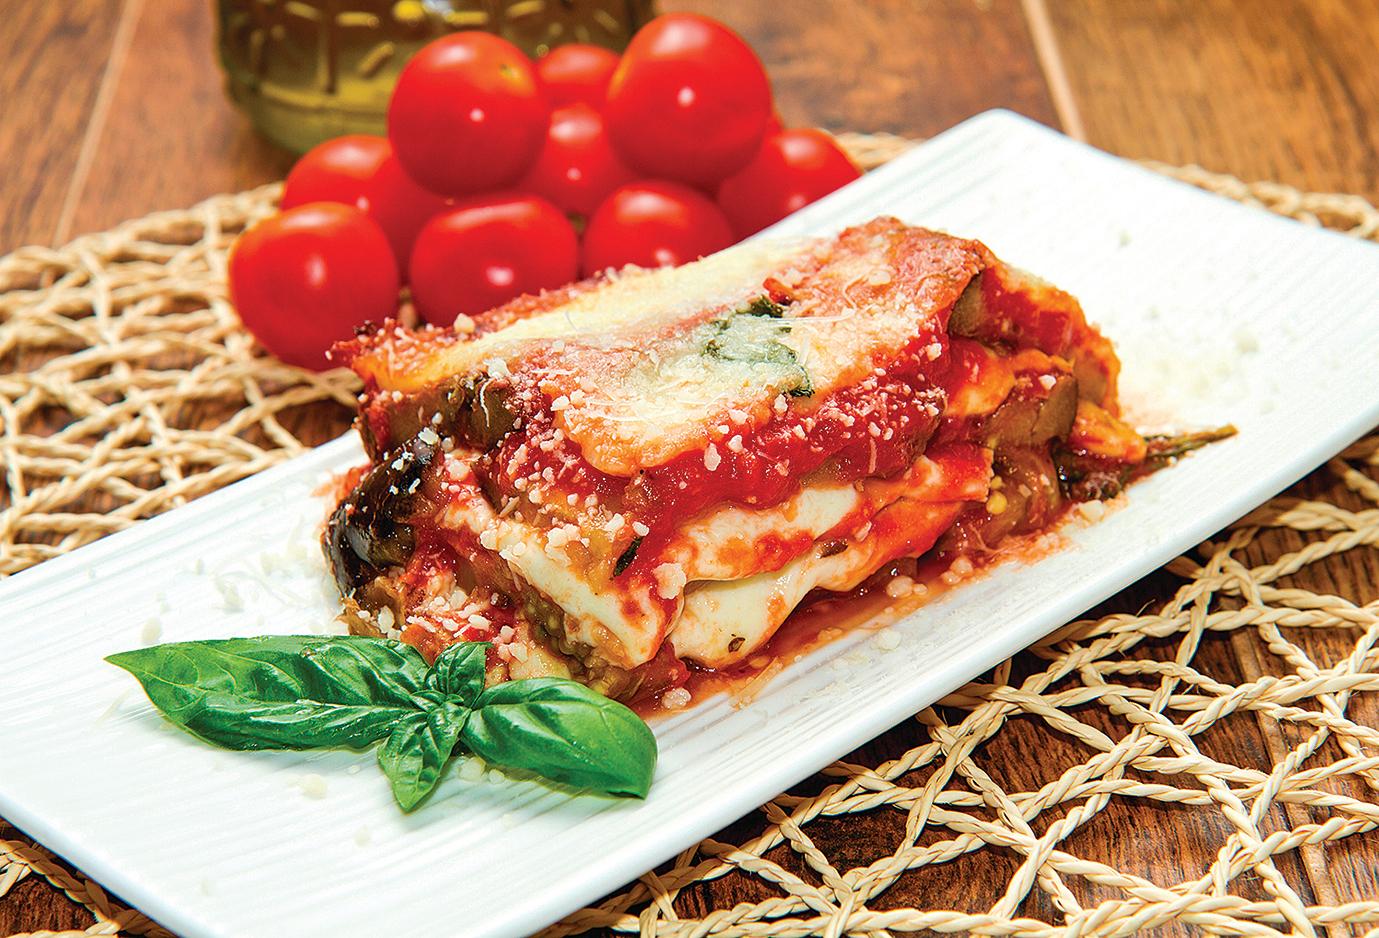 意大利焗烤千層茄子(Eggplant Parmesan)是最常見的茄子焗爐料理。